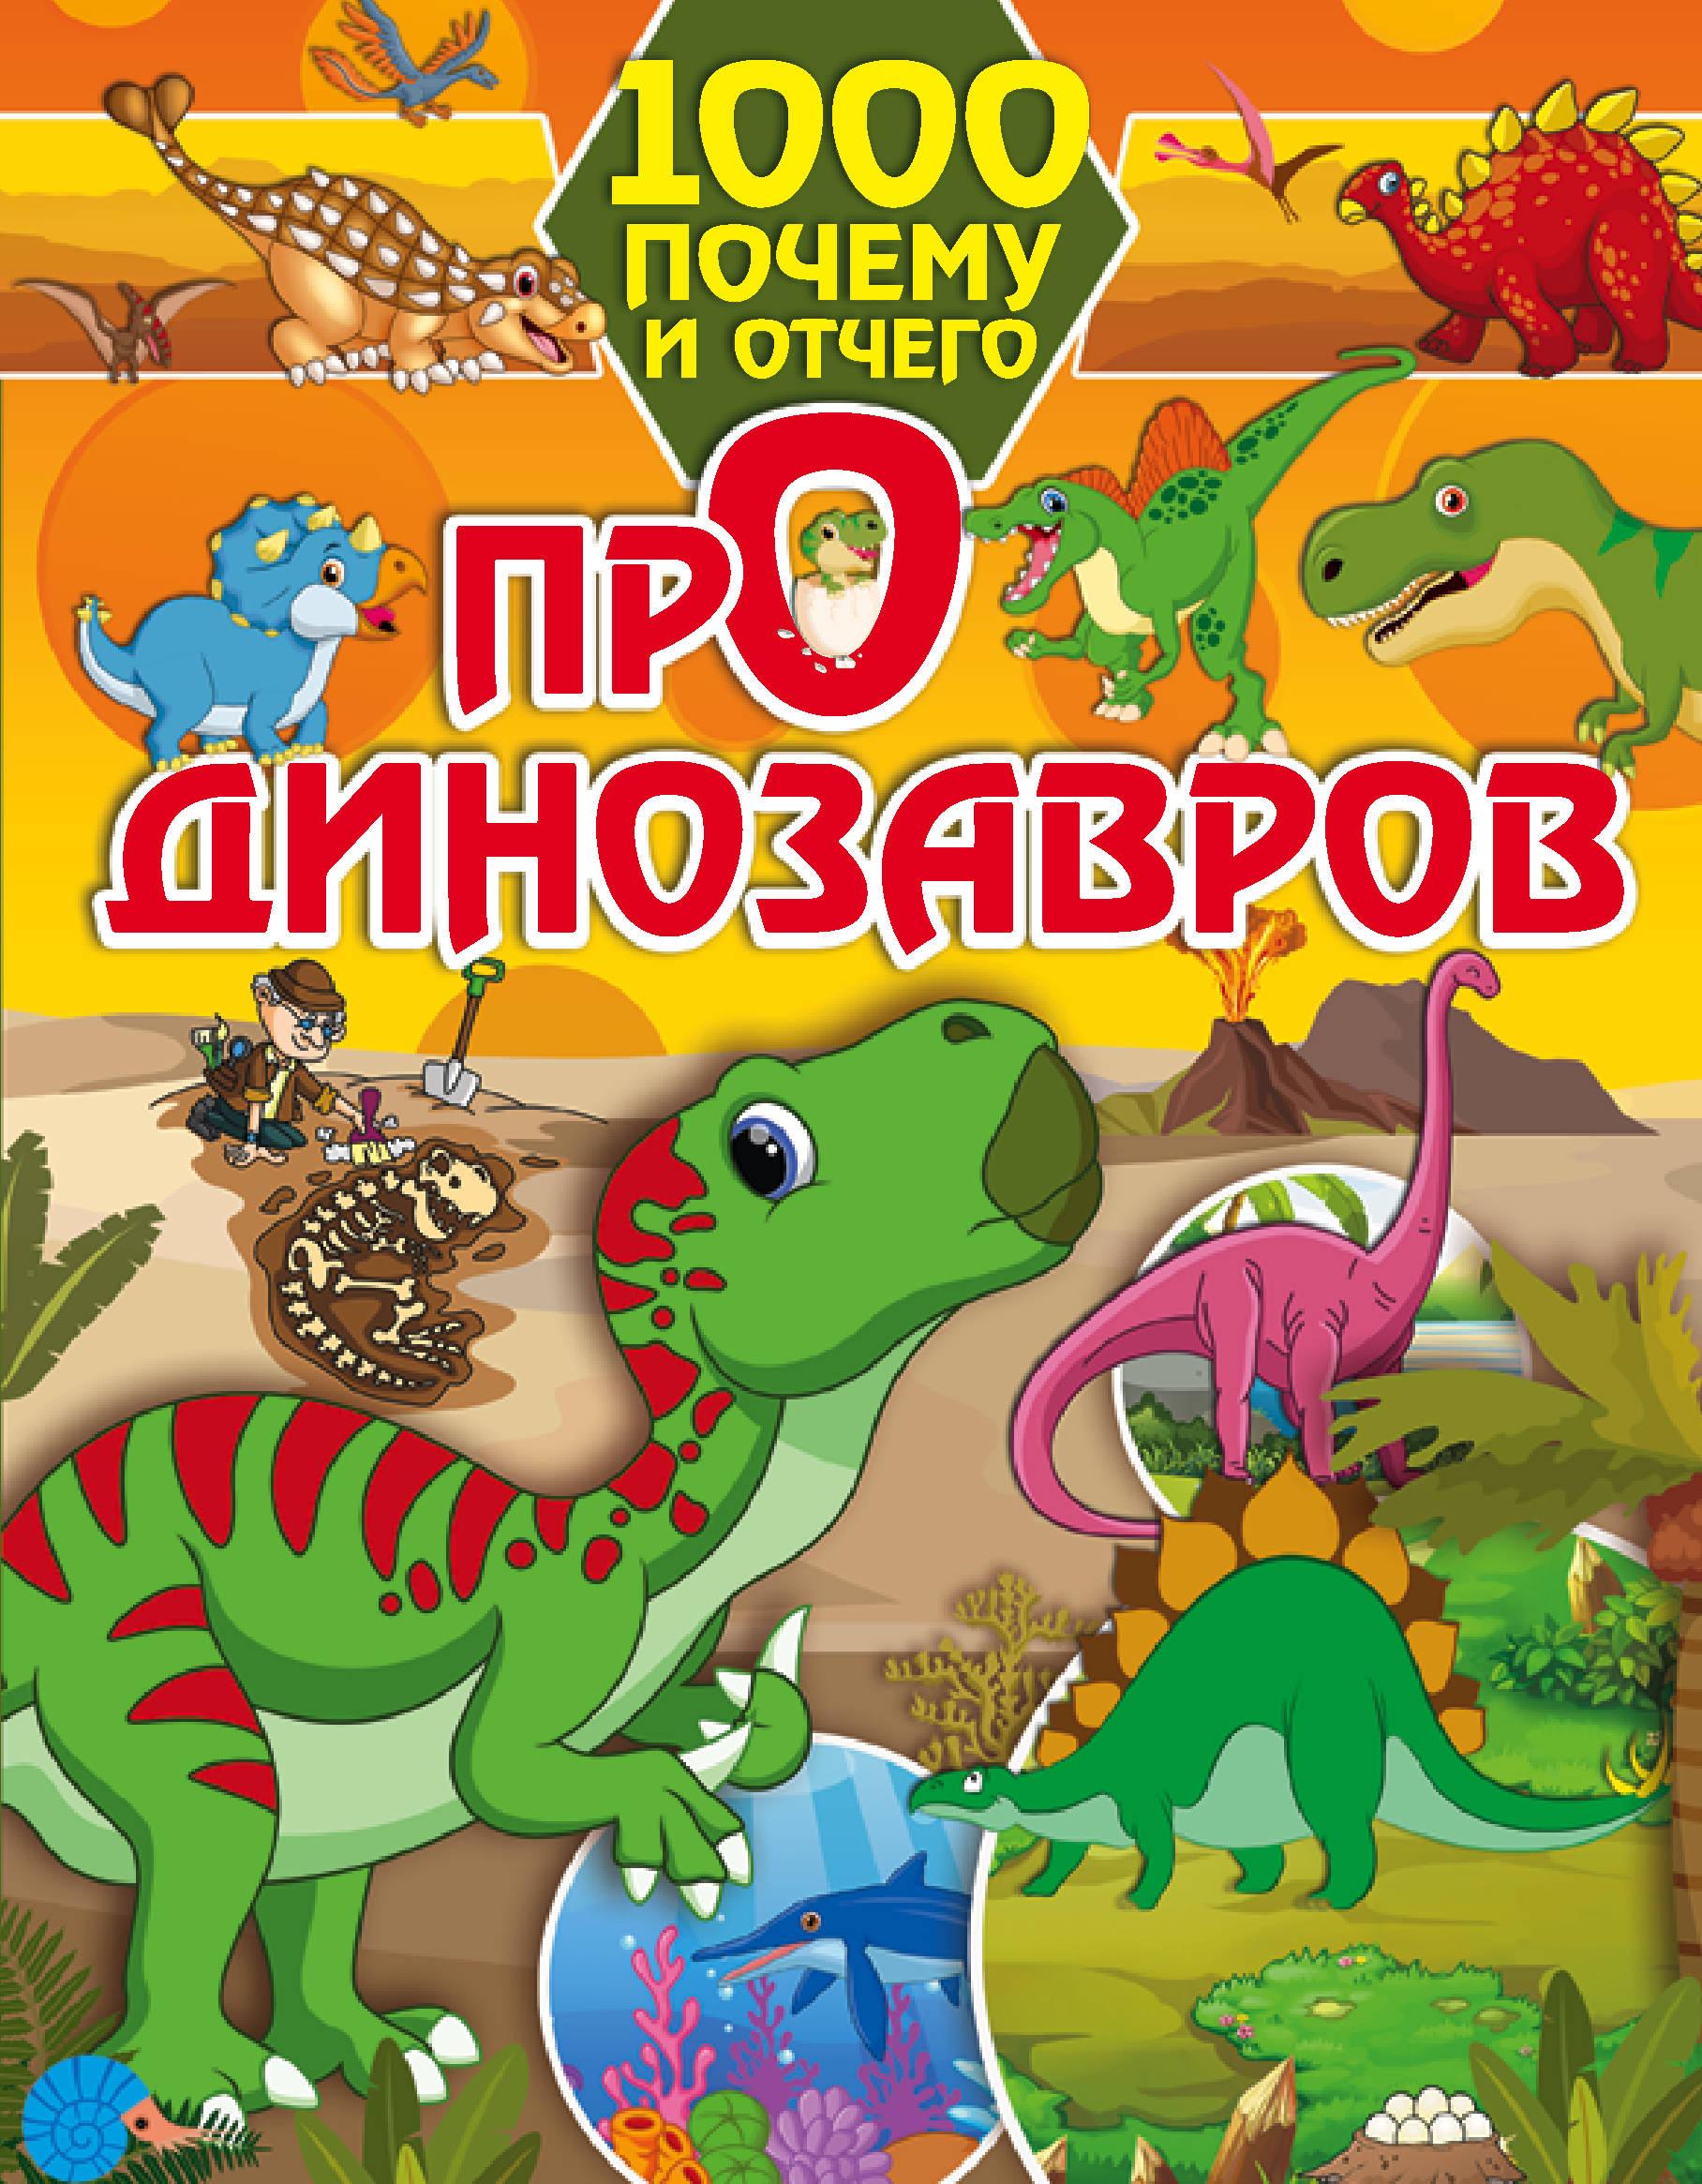 1000 pochemu i otchego Pro dinozavrov